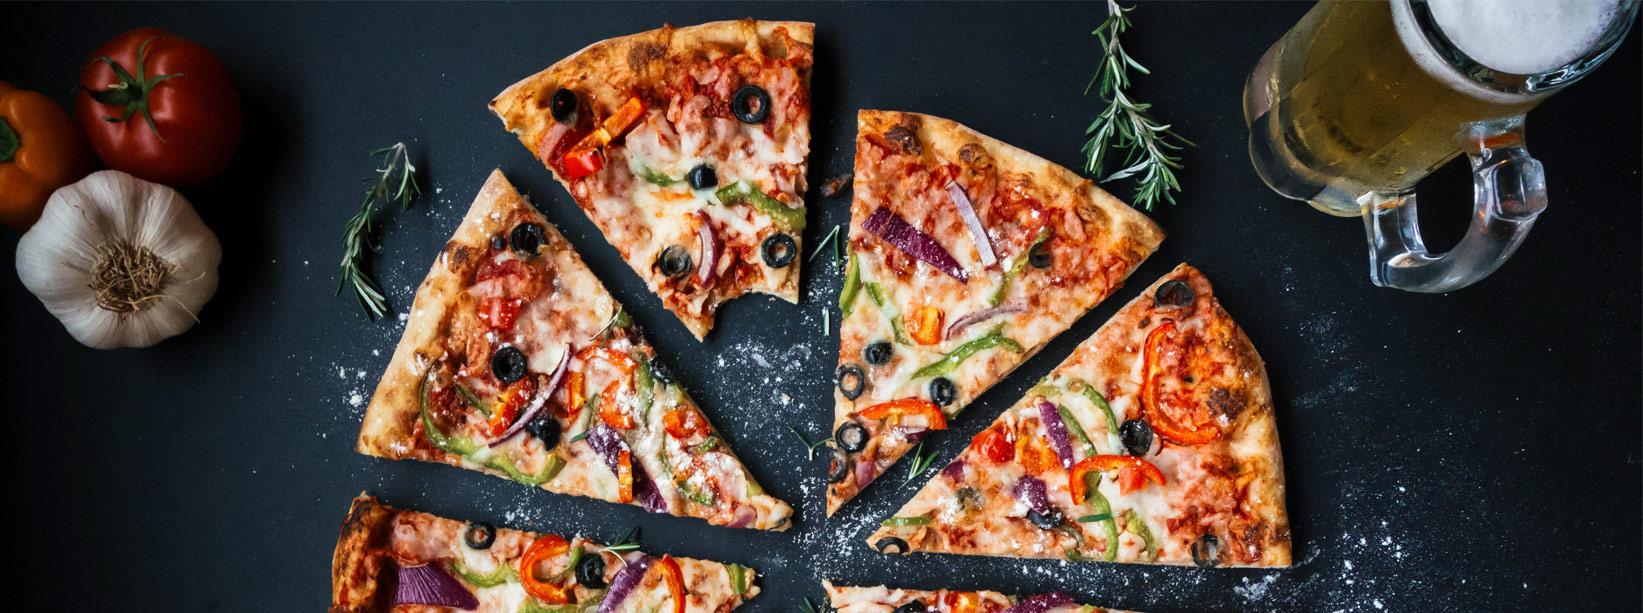 pizza hemkörning uppsala